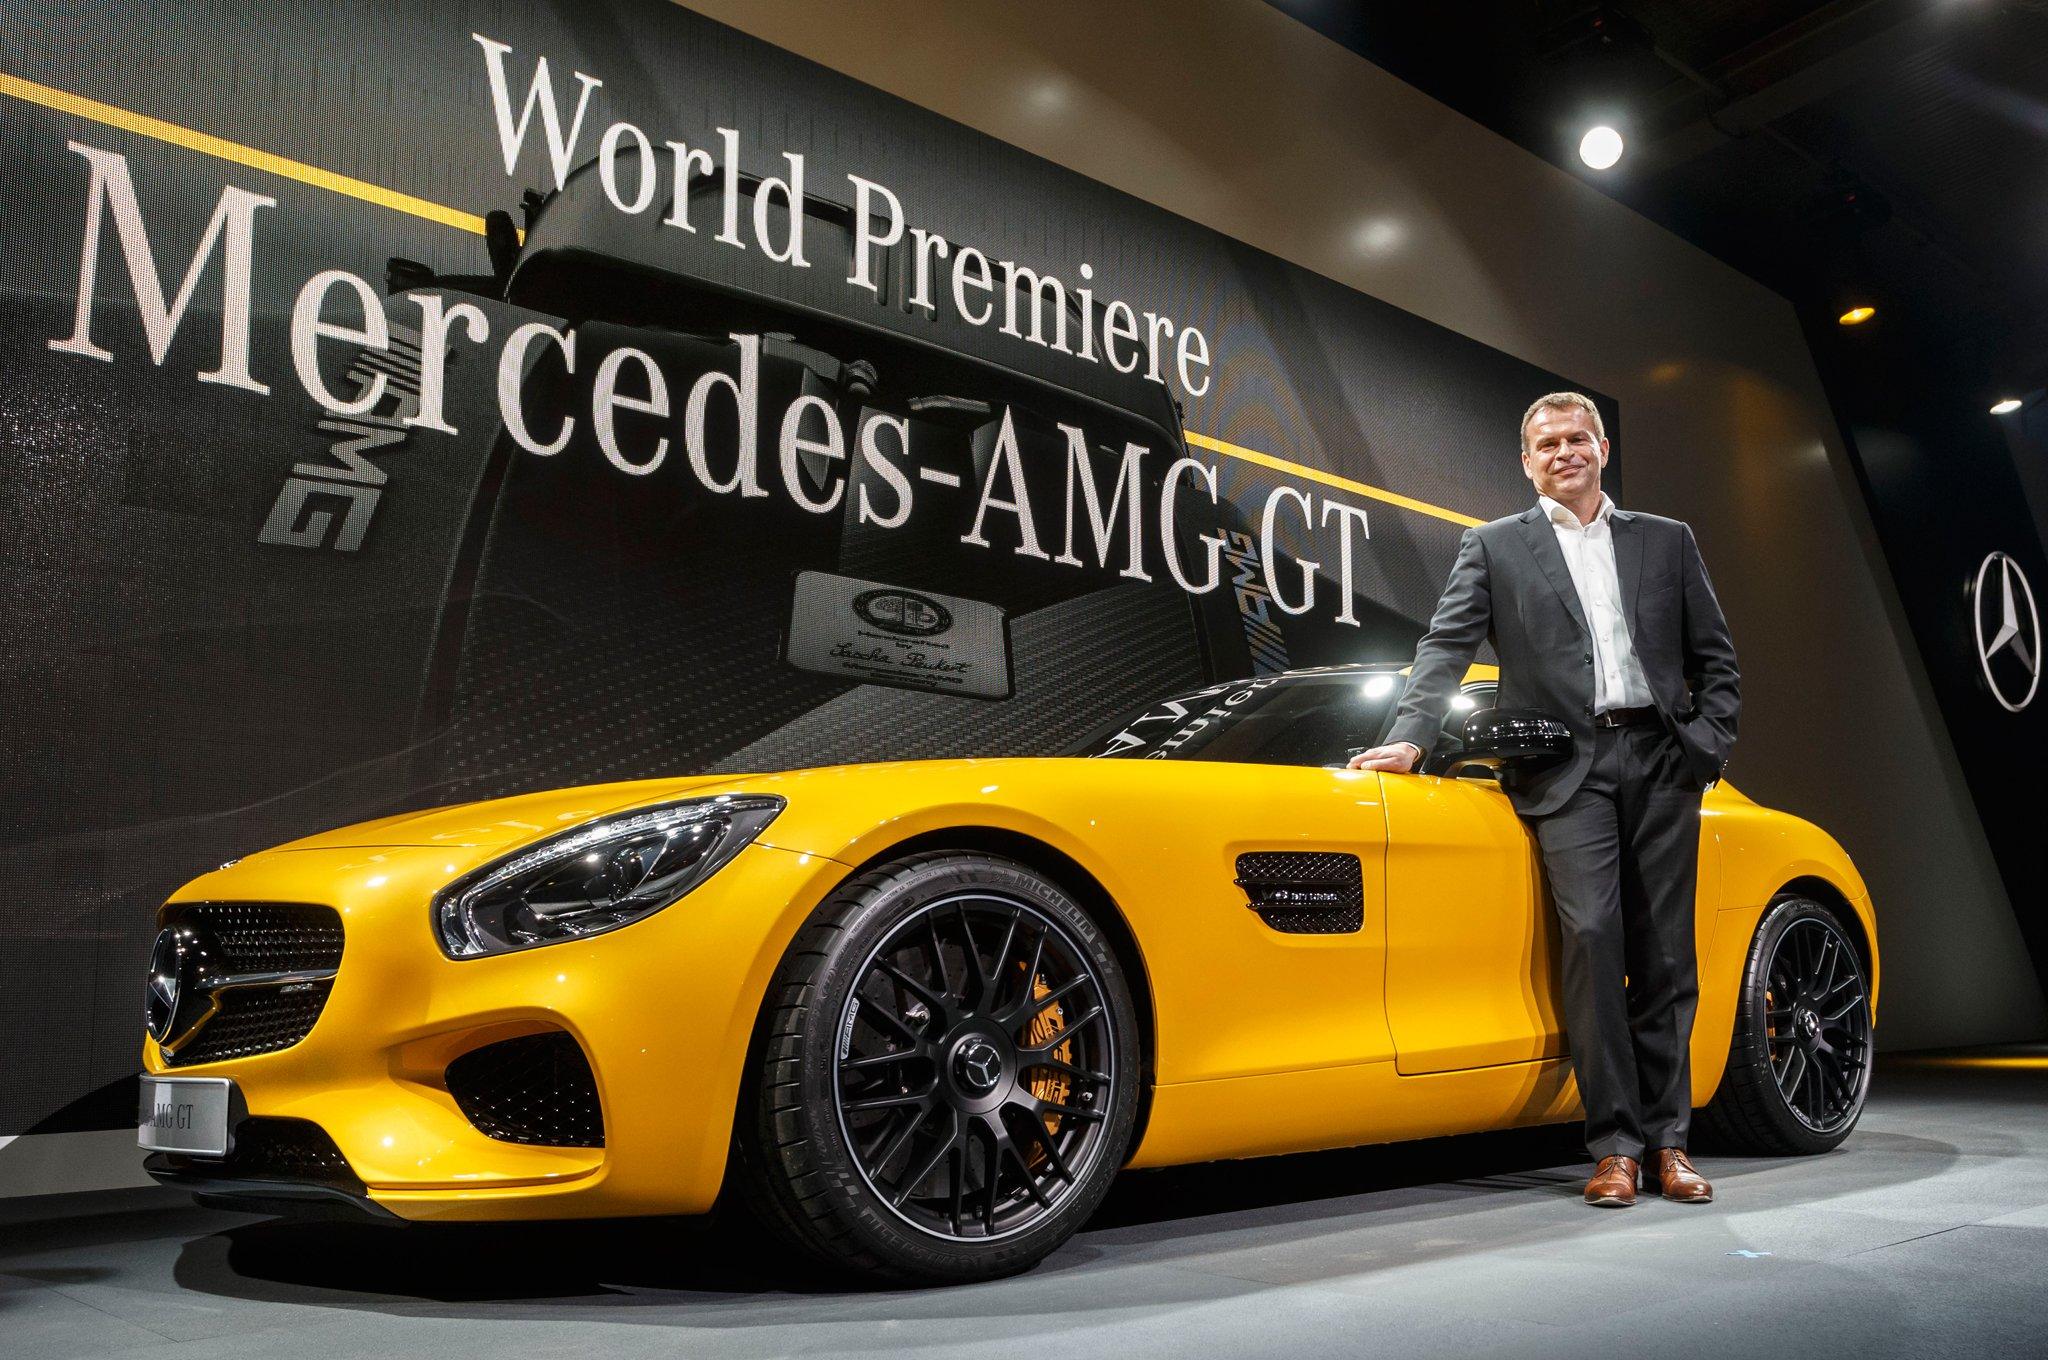 ВДетройте представят серийный Mercedes-AMGGT